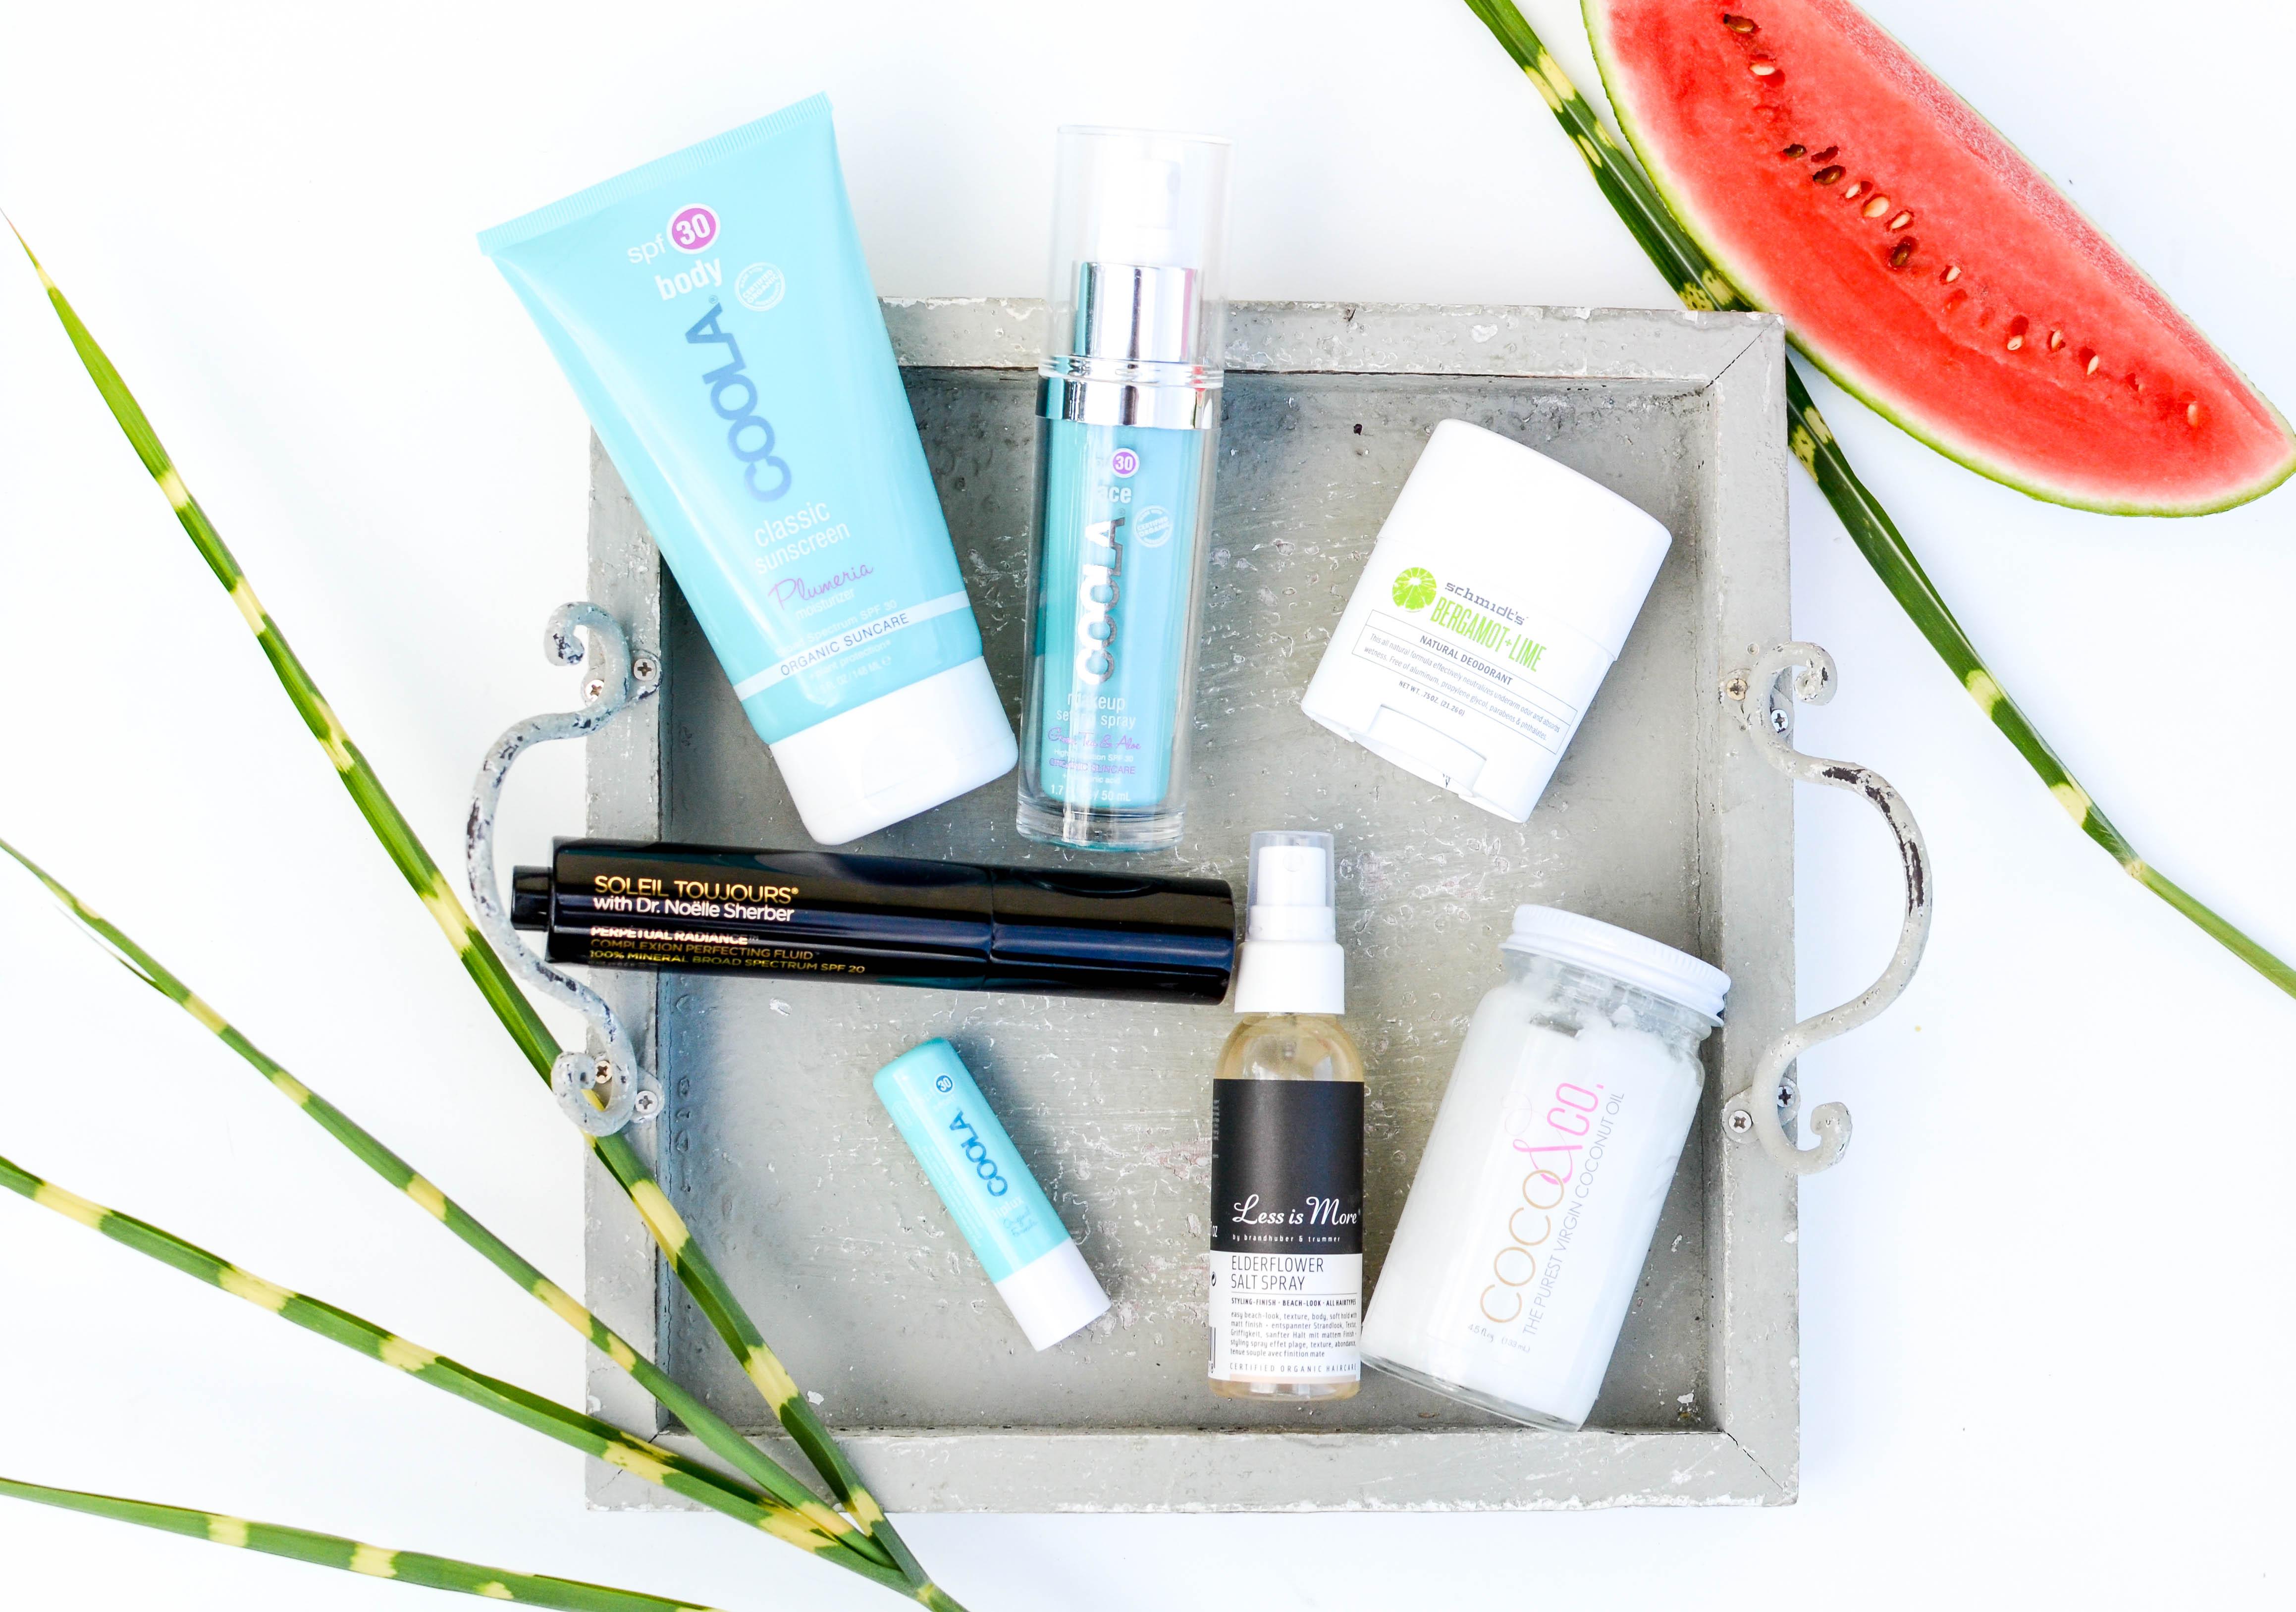 [MHM] Sunbath // Die idealen Beautyprodukte für die Badetasche